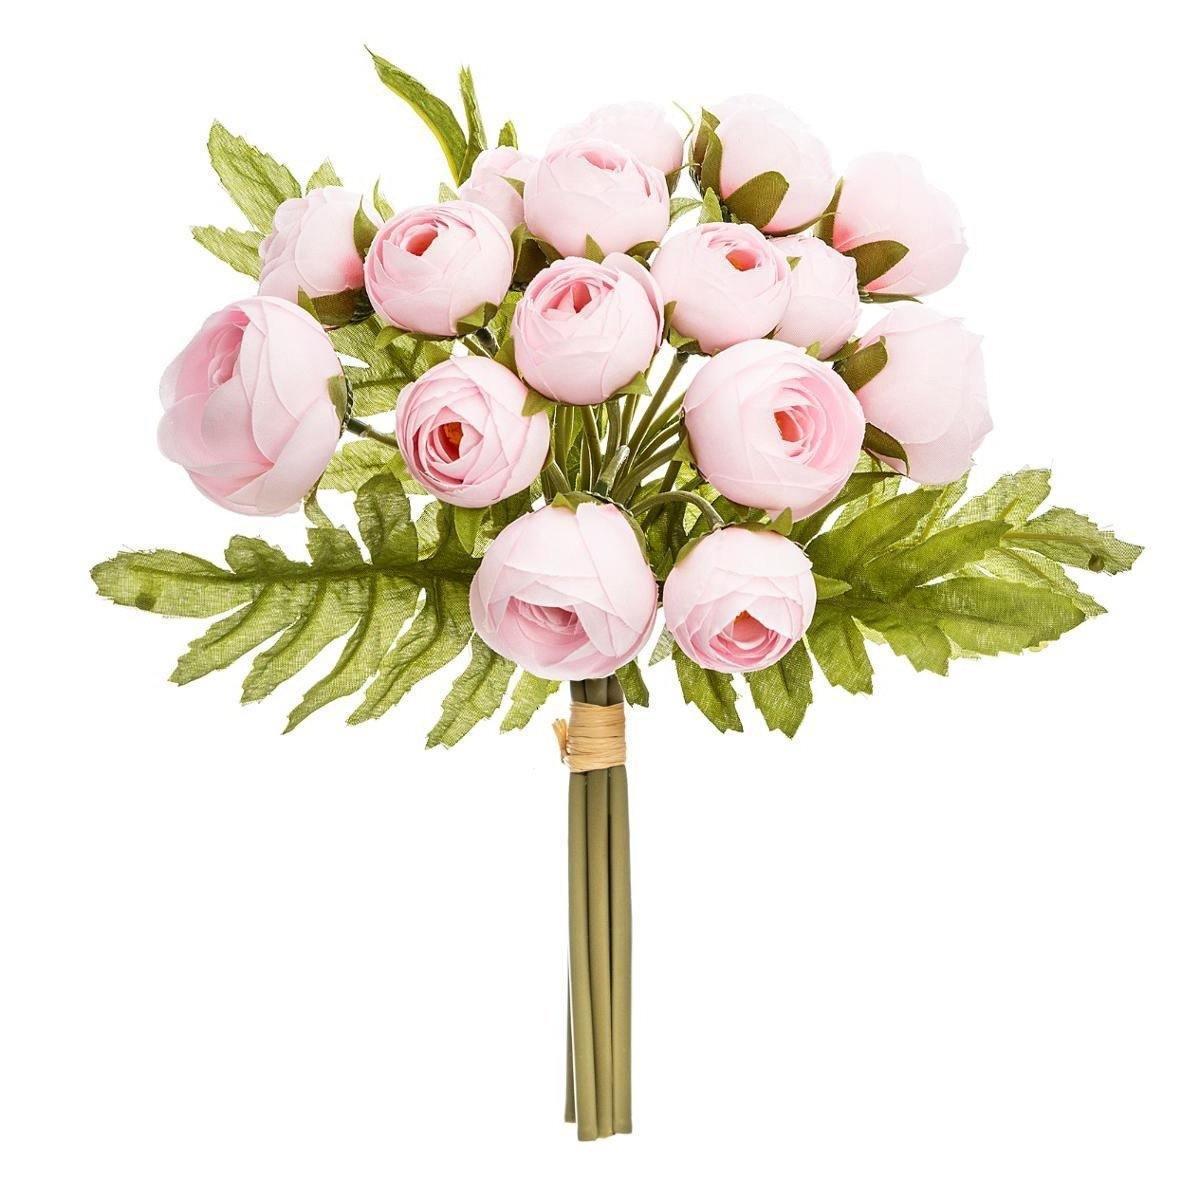 Bukiet 18 różowych piwonii sprawdzi się nie tylko w domu, ale również w biurze czy sklepie